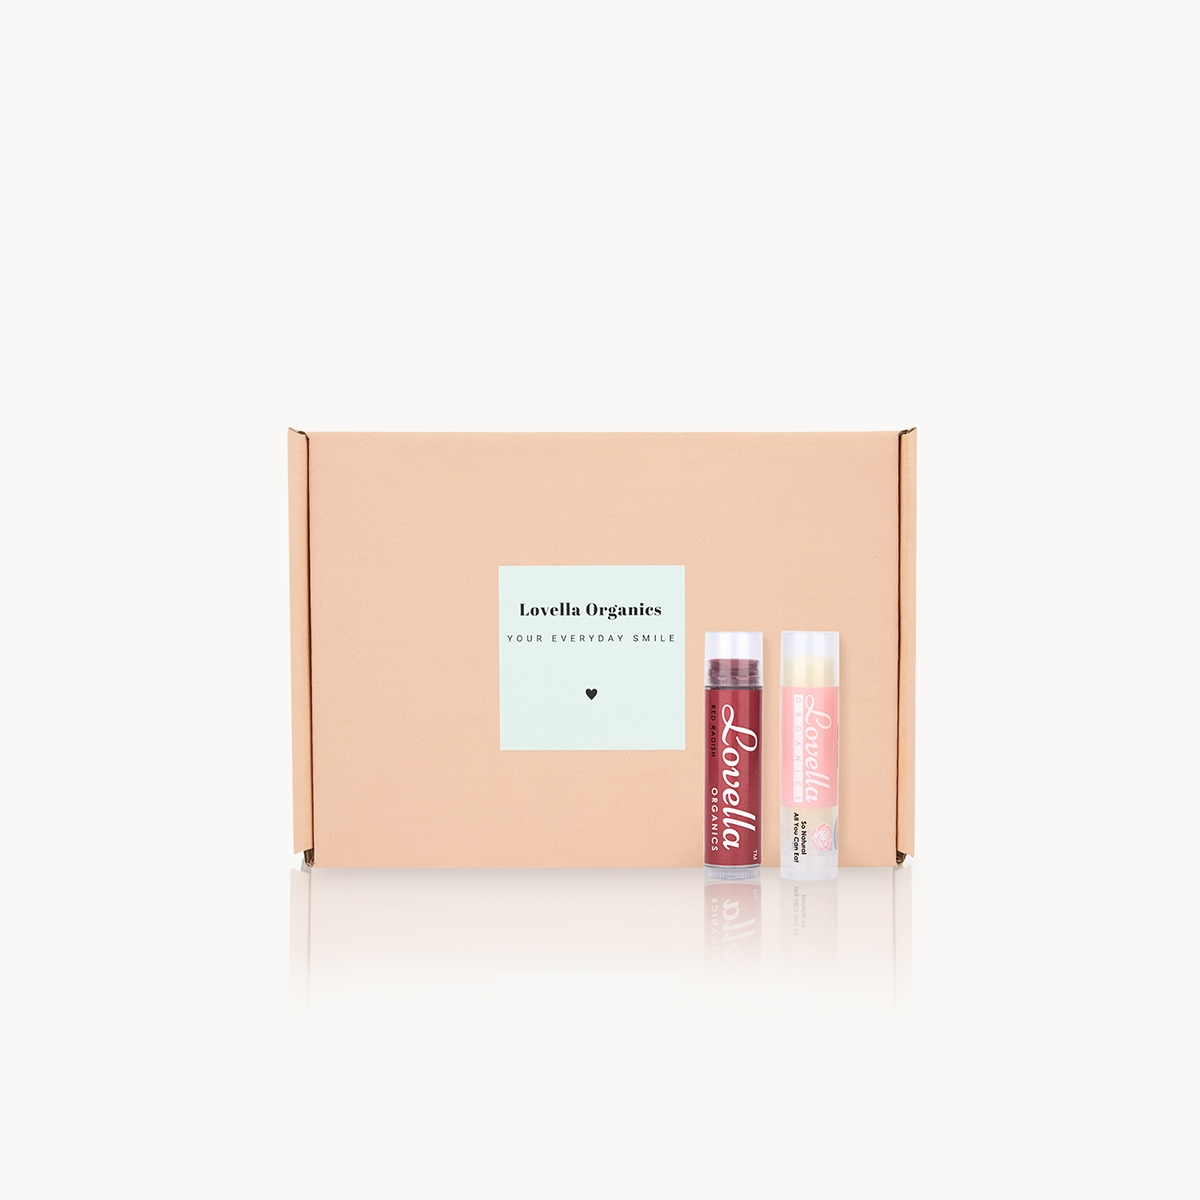 Lovella Organics Lip Color Treatment Set